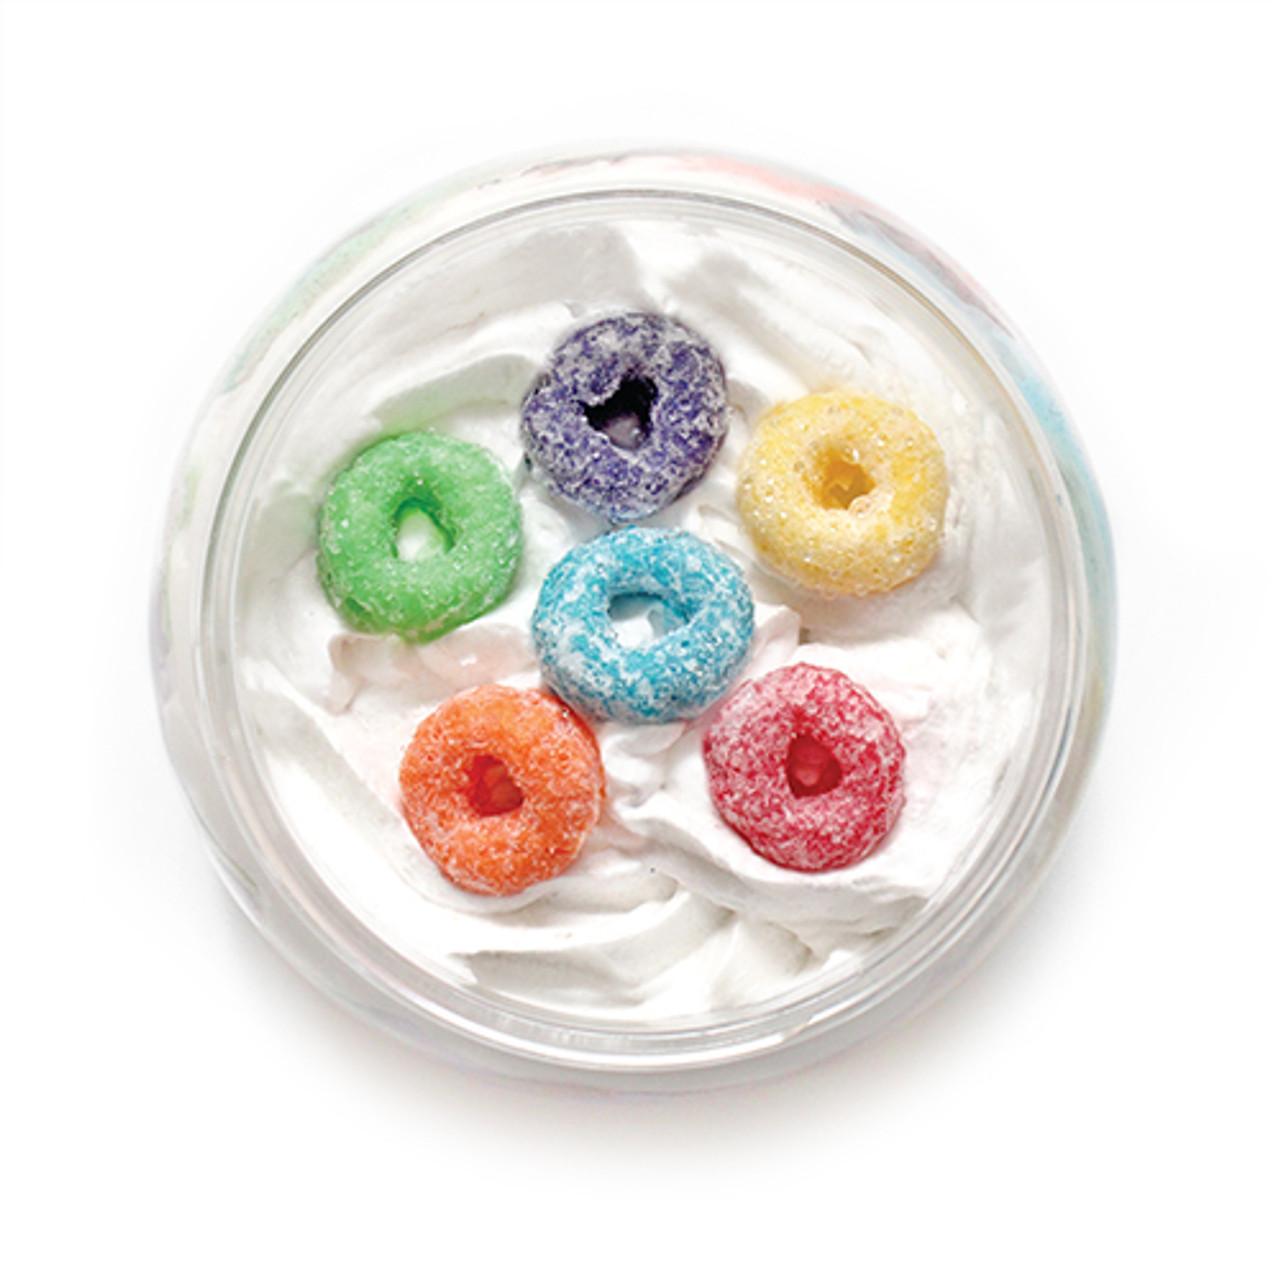 Fruity Sugar Soufflé